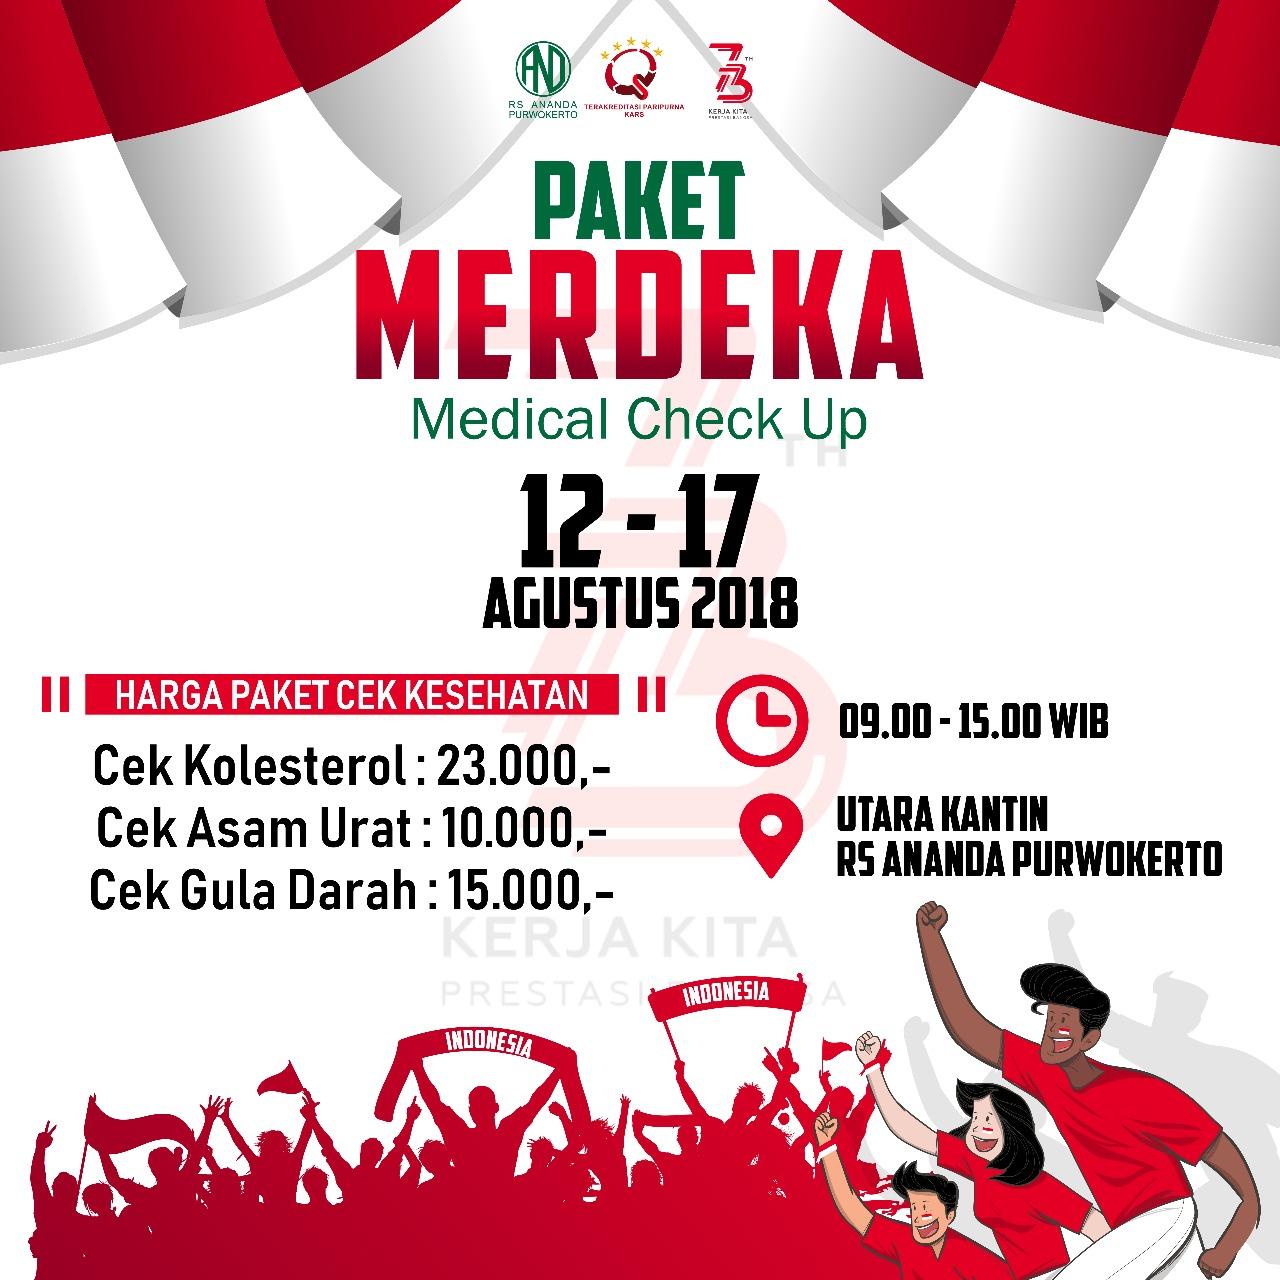 """paket merdeka """"medical check up"""" - rs ananda purwokerto PAKET MERDEKA """"MEDICAL CHECK UP"""" – RS ANANDA PURWOKERTO WhatsApp Image 2018 08 07 at 10"""